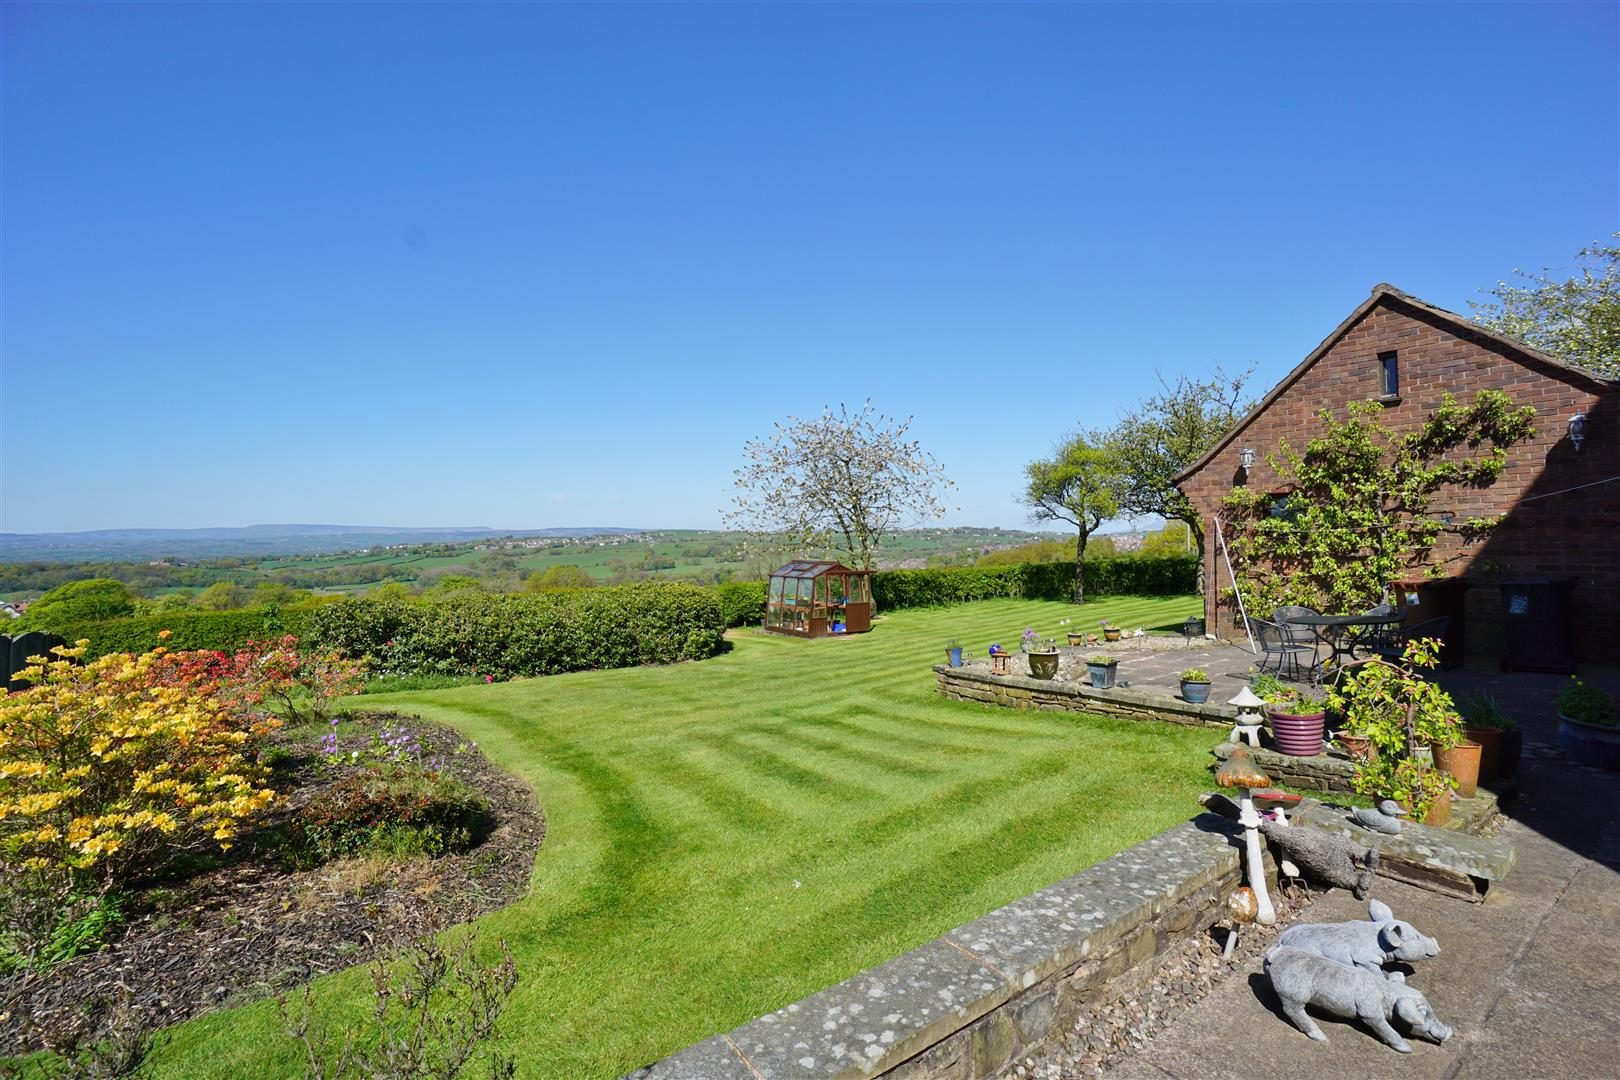 Property Or Sale Blackburn